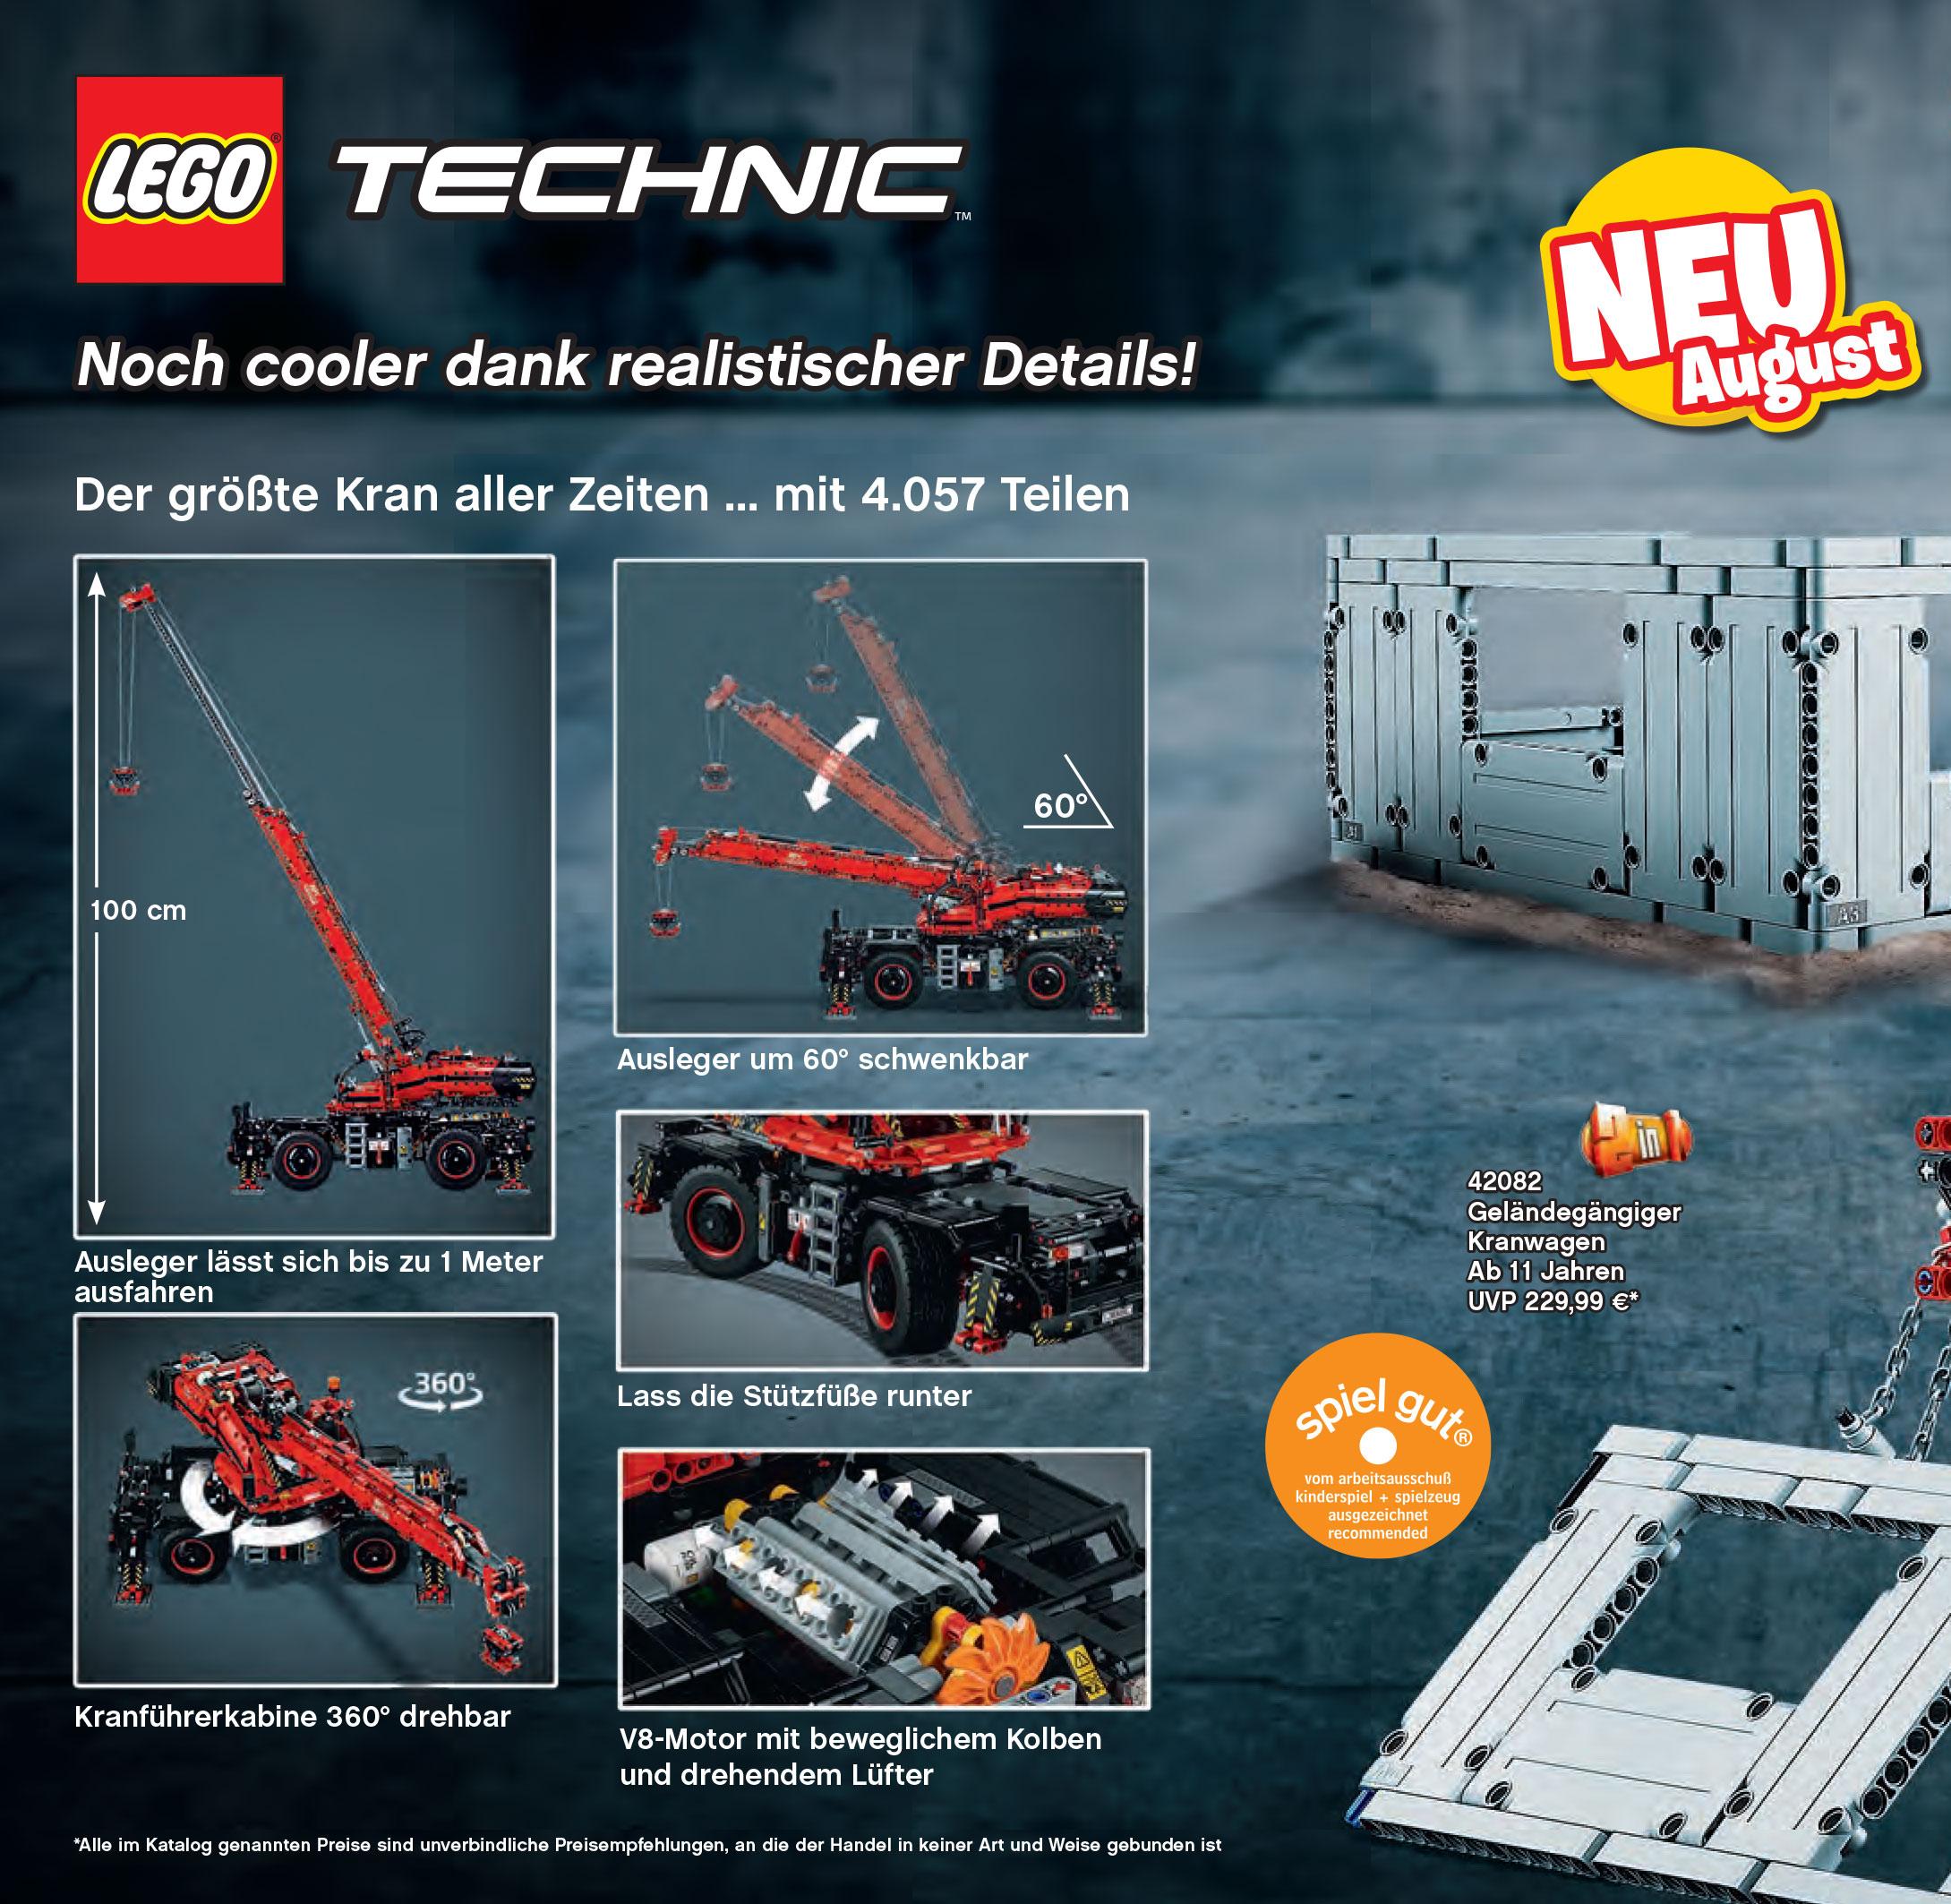 lego-technic-gelaendergaengiger-kranwage